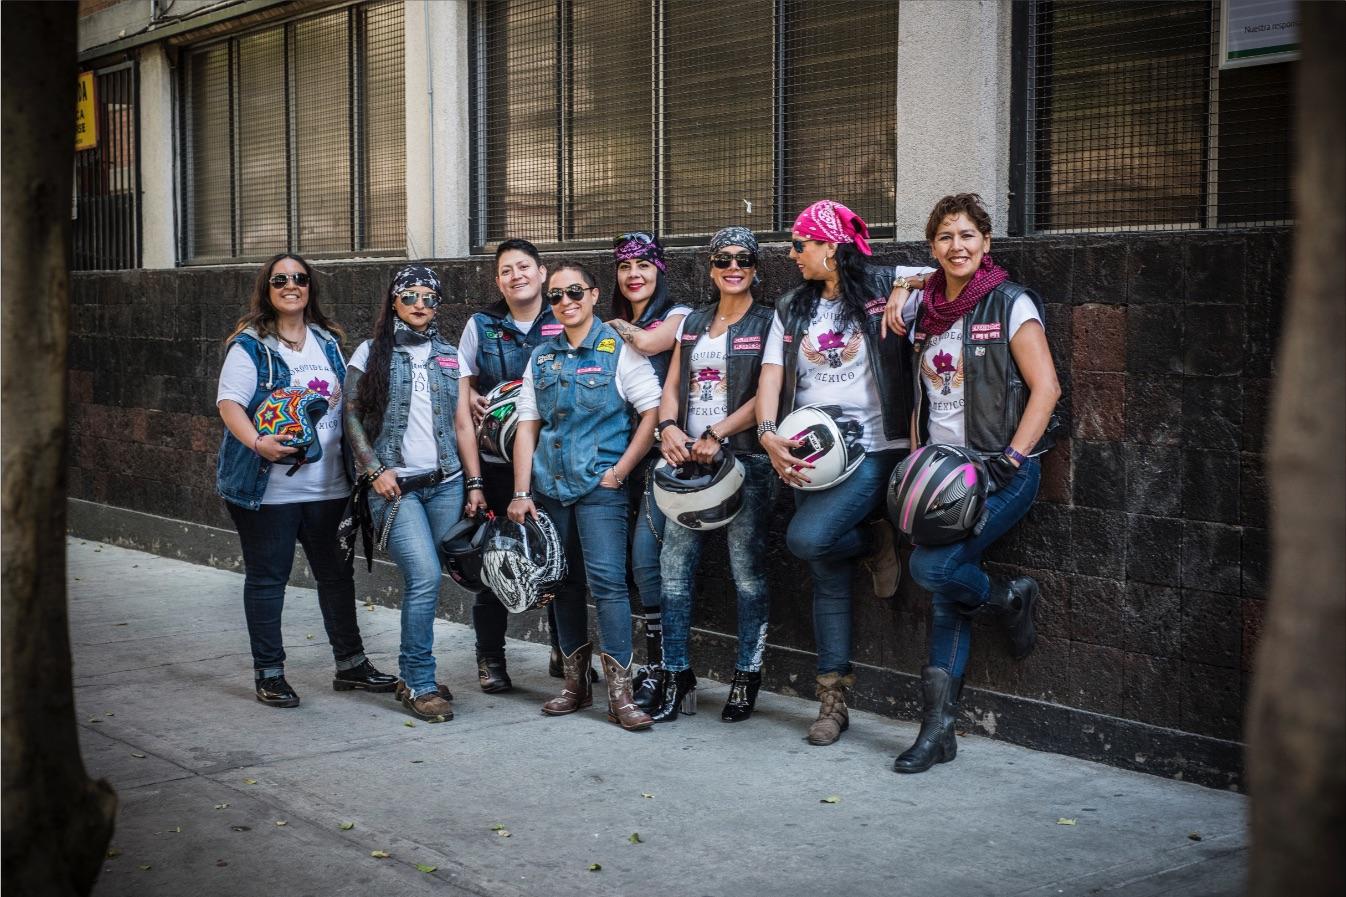 Motociclistas mujeres